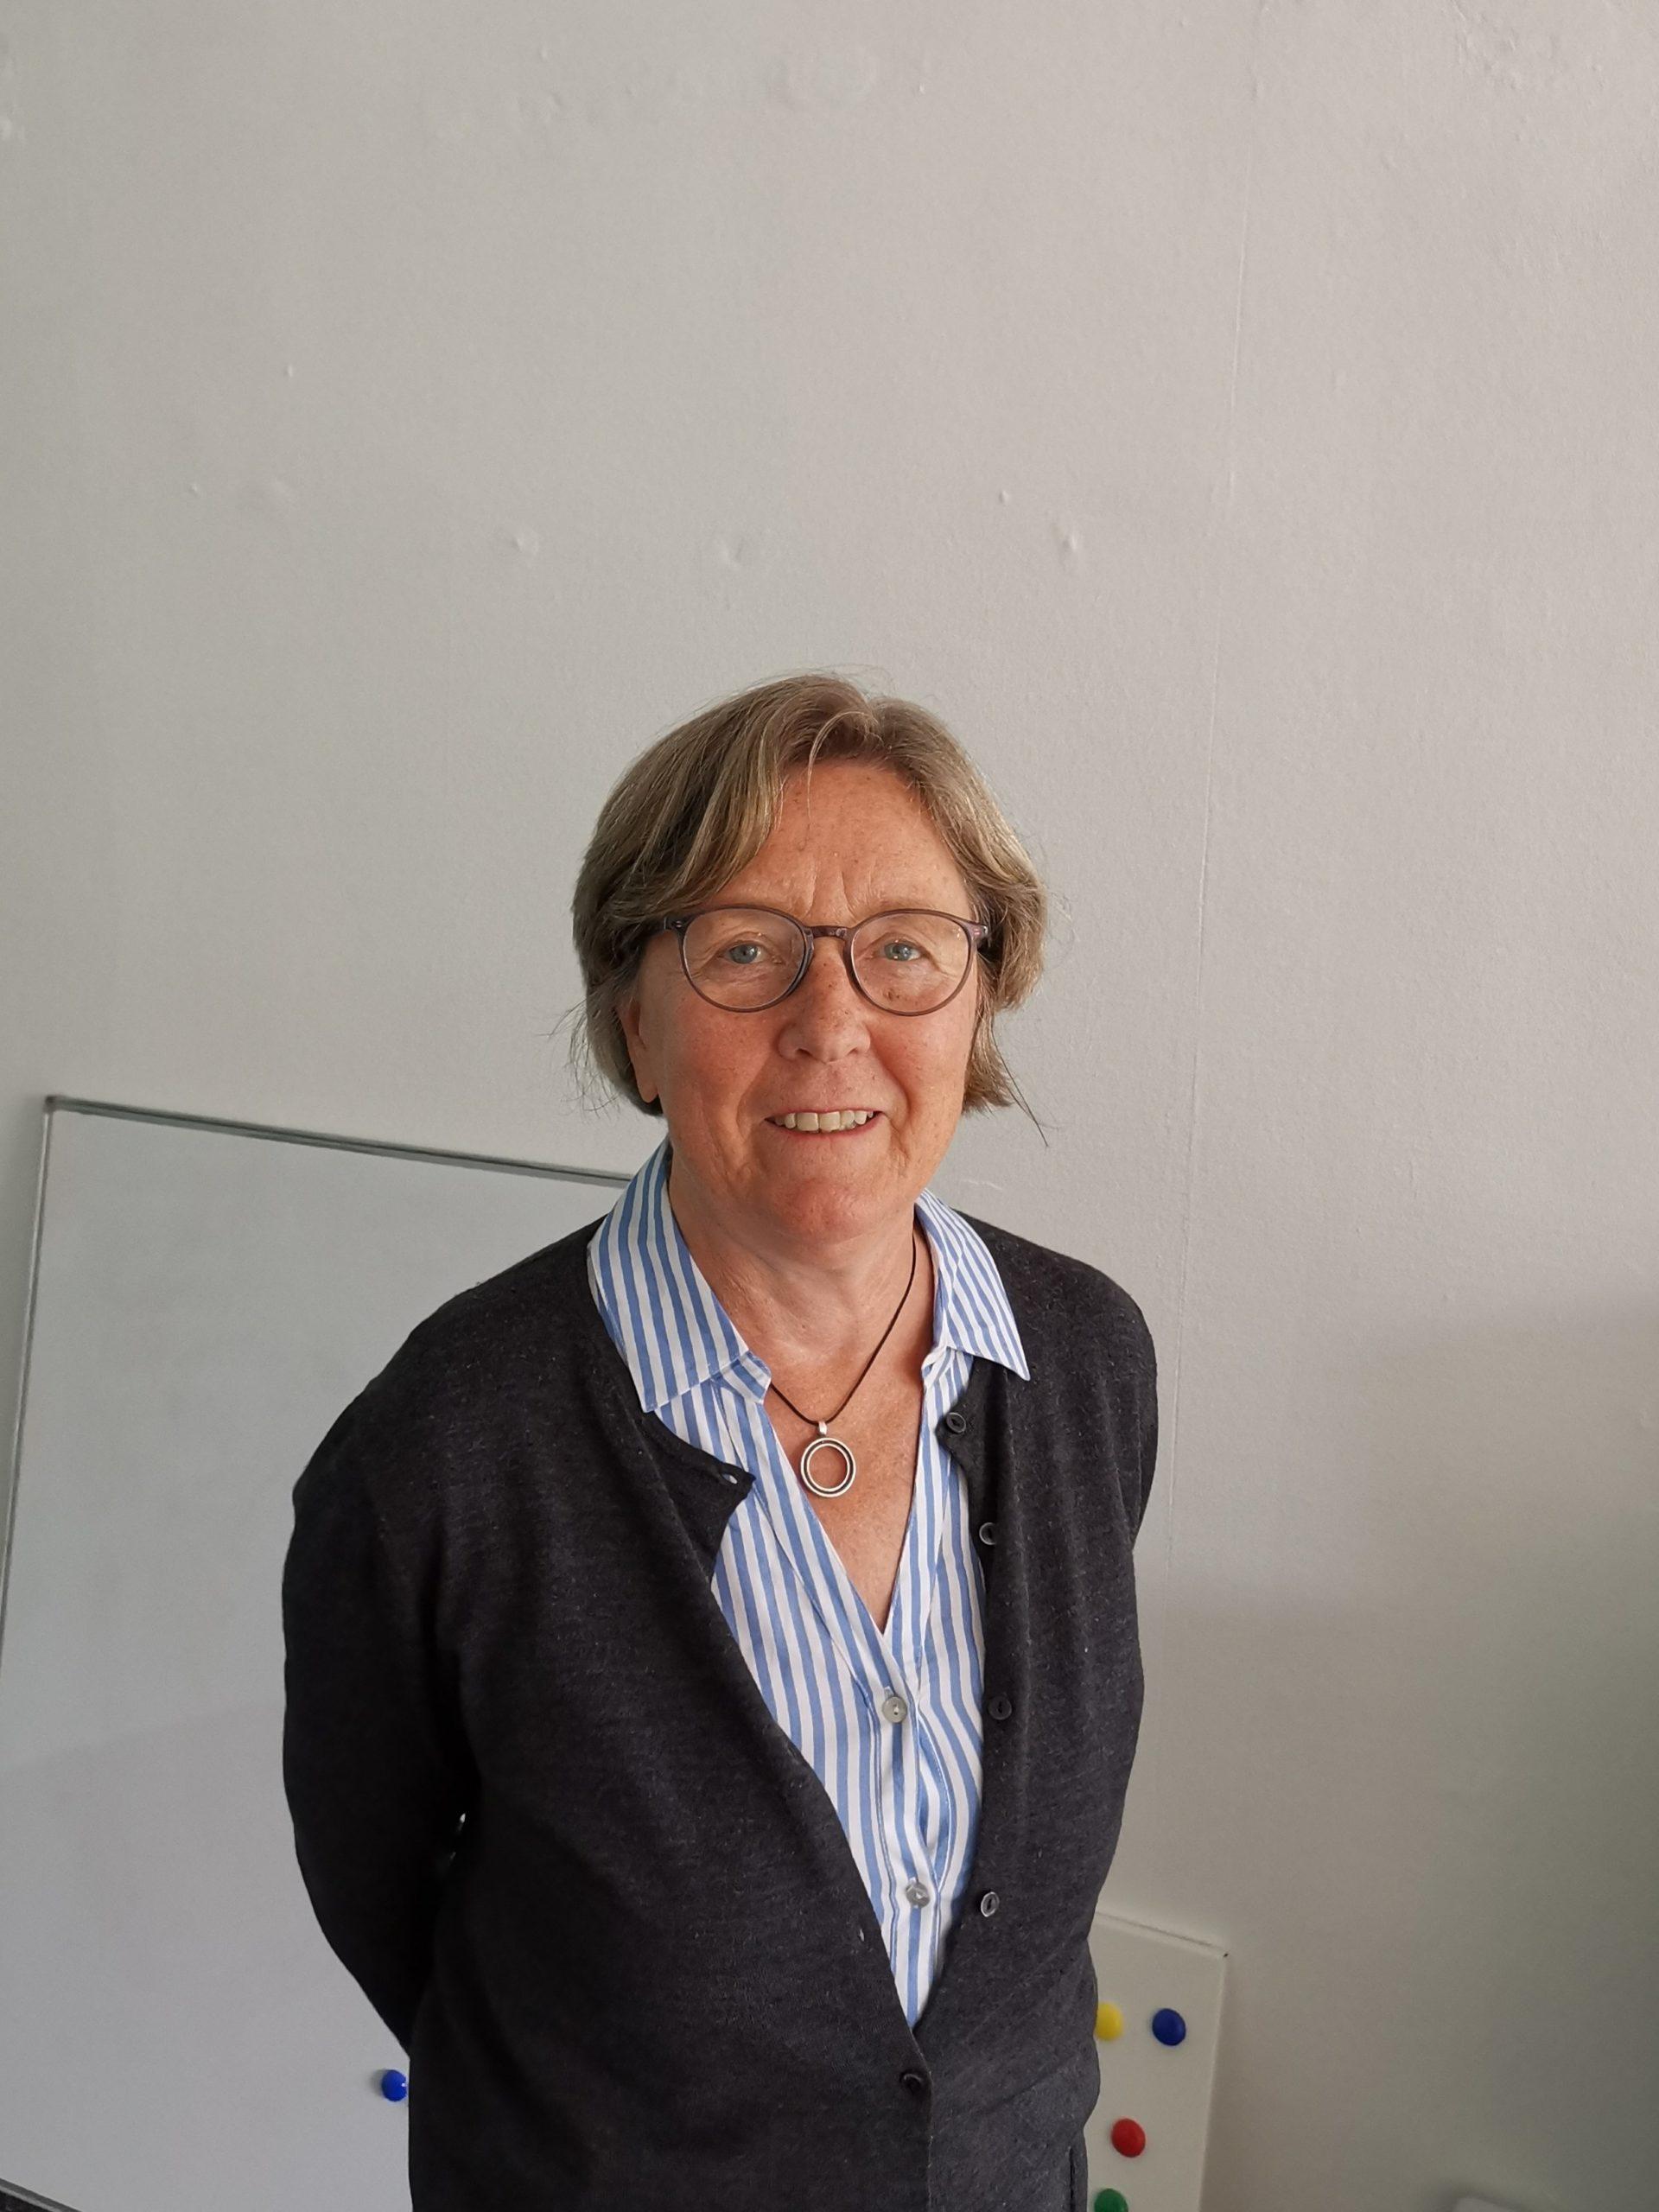 Angela Hinzen